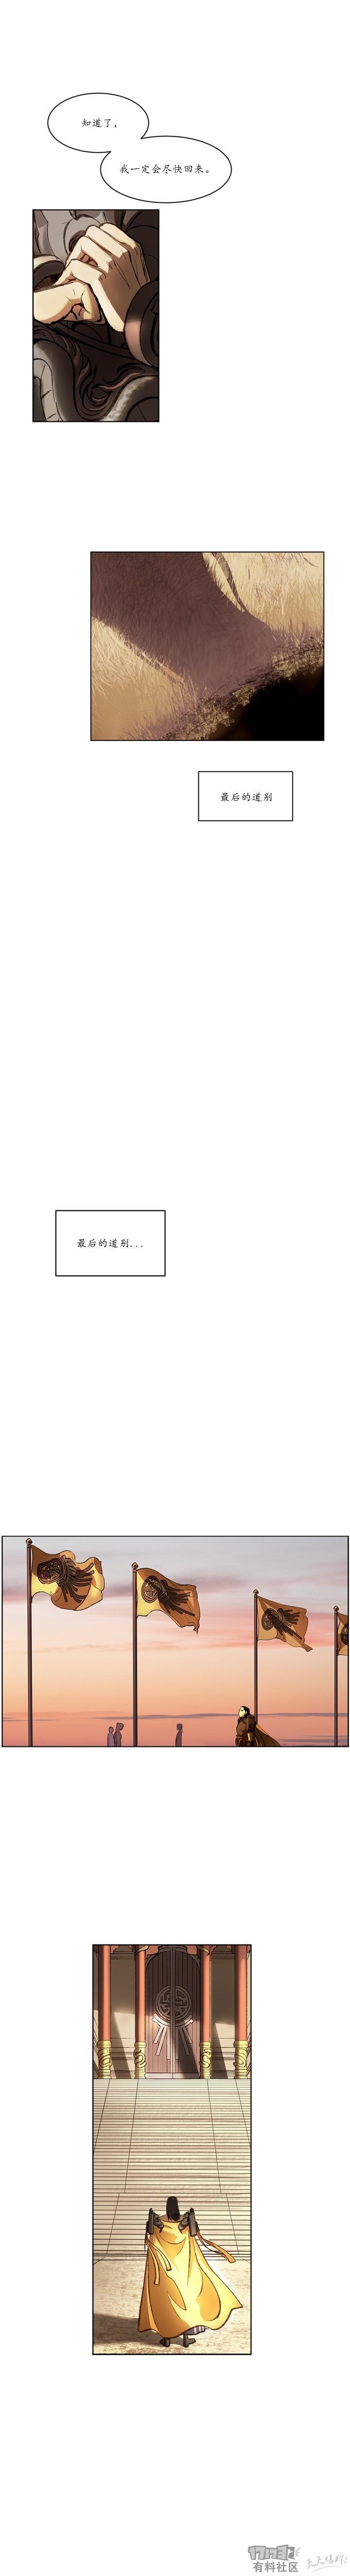 0620171010142527.jpg